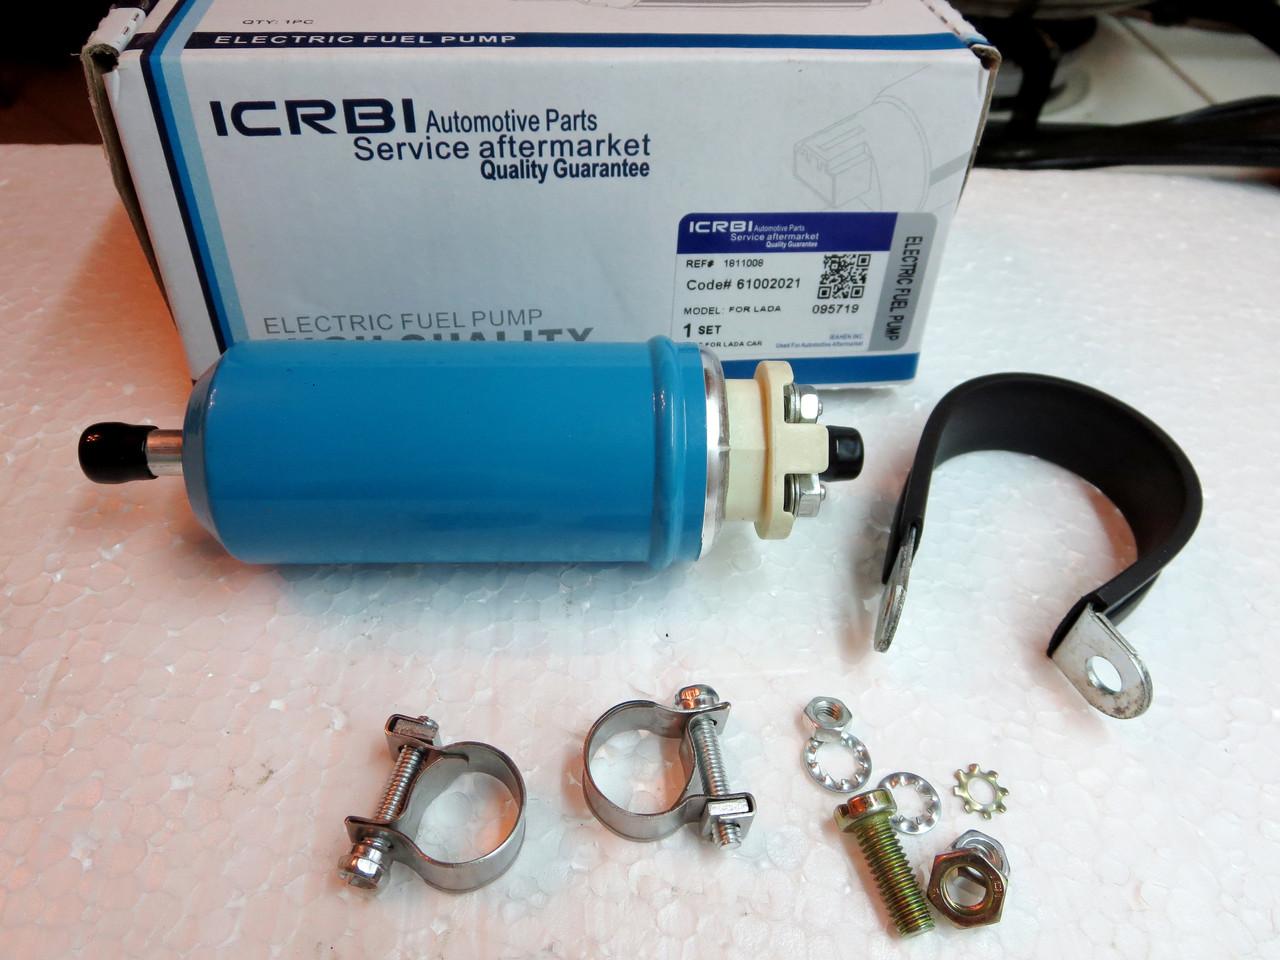 Электробензонасос  низкого давления ICRBI на обычную и  инжекторную Славуту, Таврию.